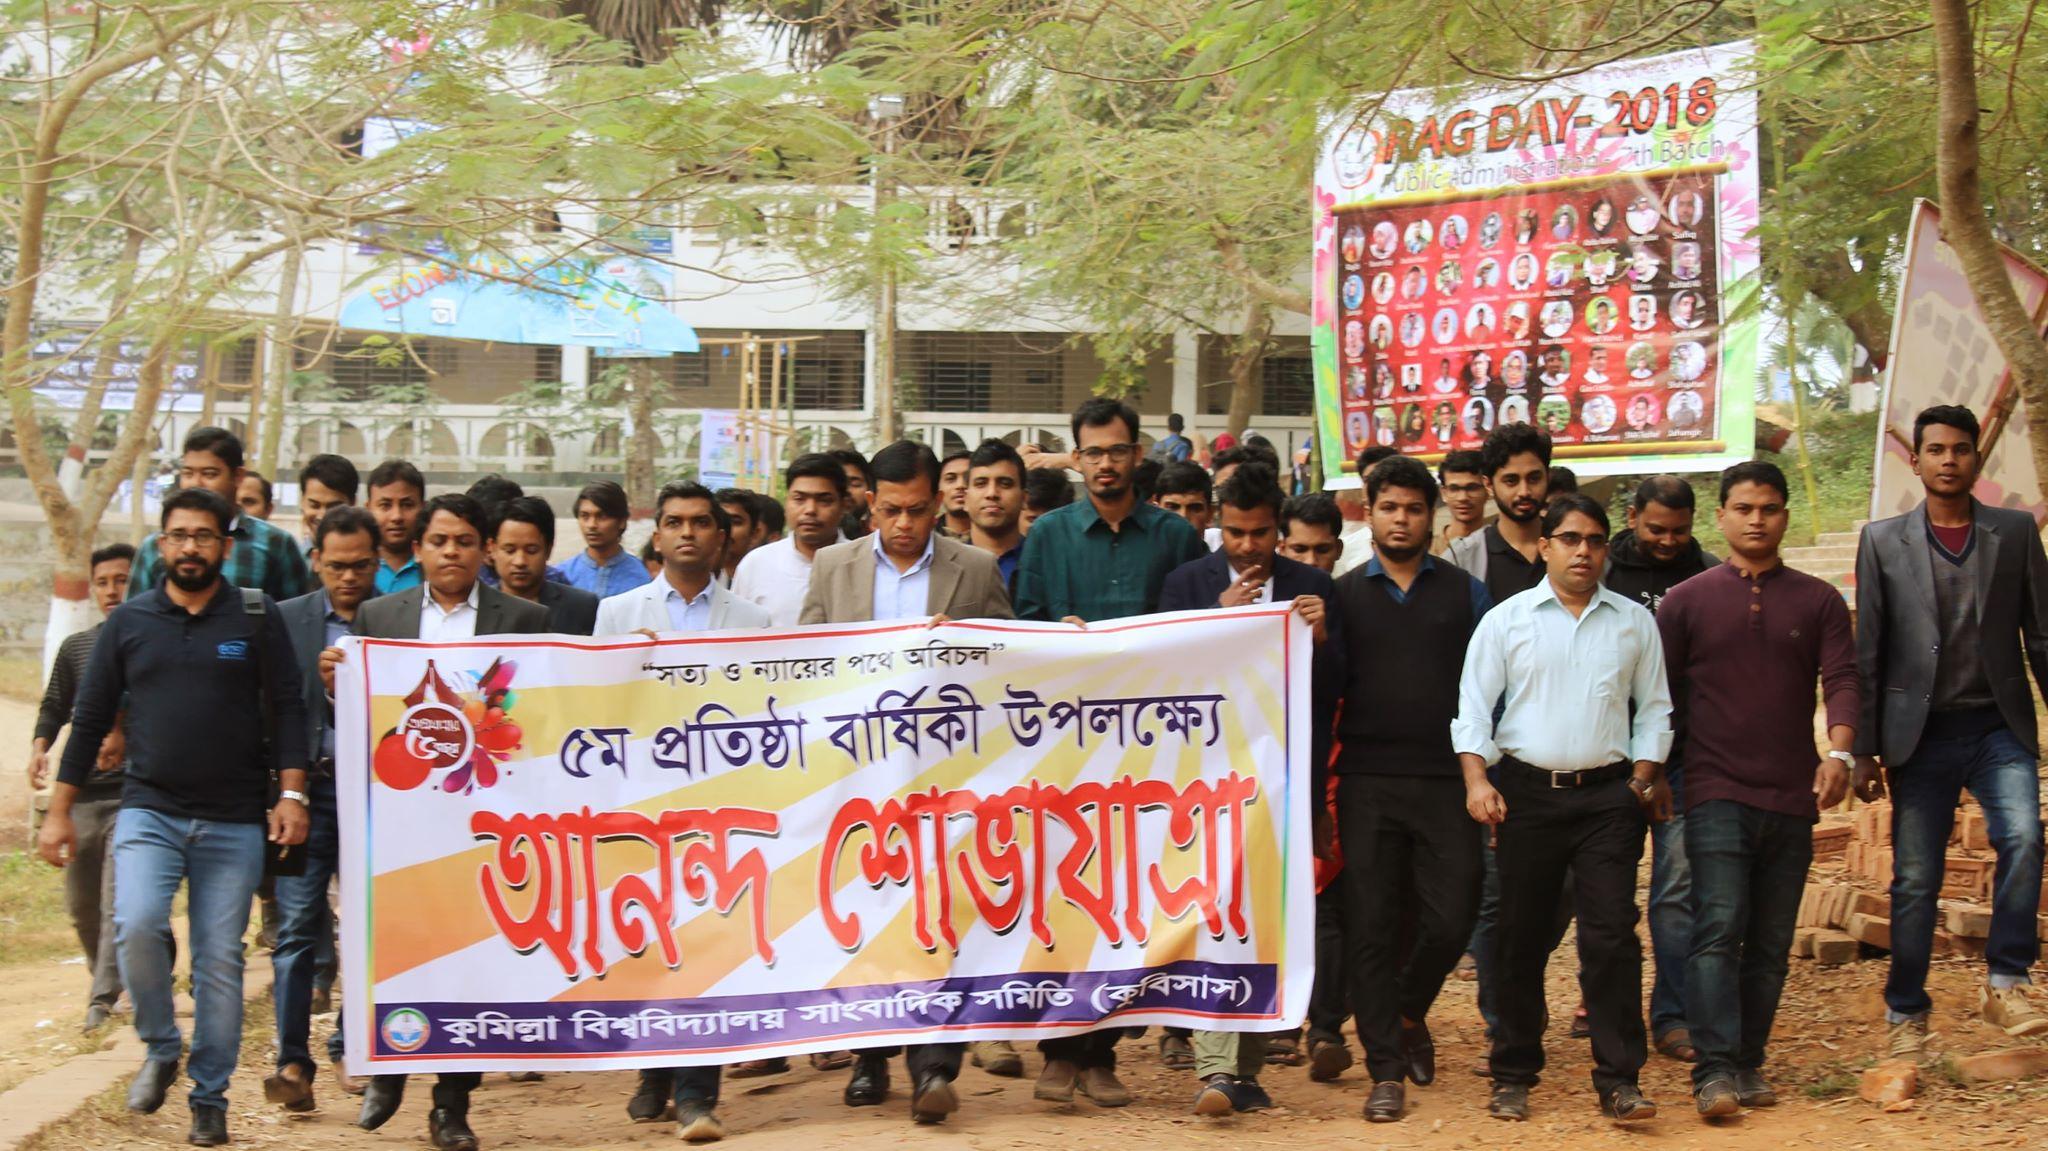 কুমিল্লা বিশ্ববিদ্যালয় সাংবাদিক সমিতির ৫ম প্রতিষ্ঠা বার্ষিকী উদযাপিত